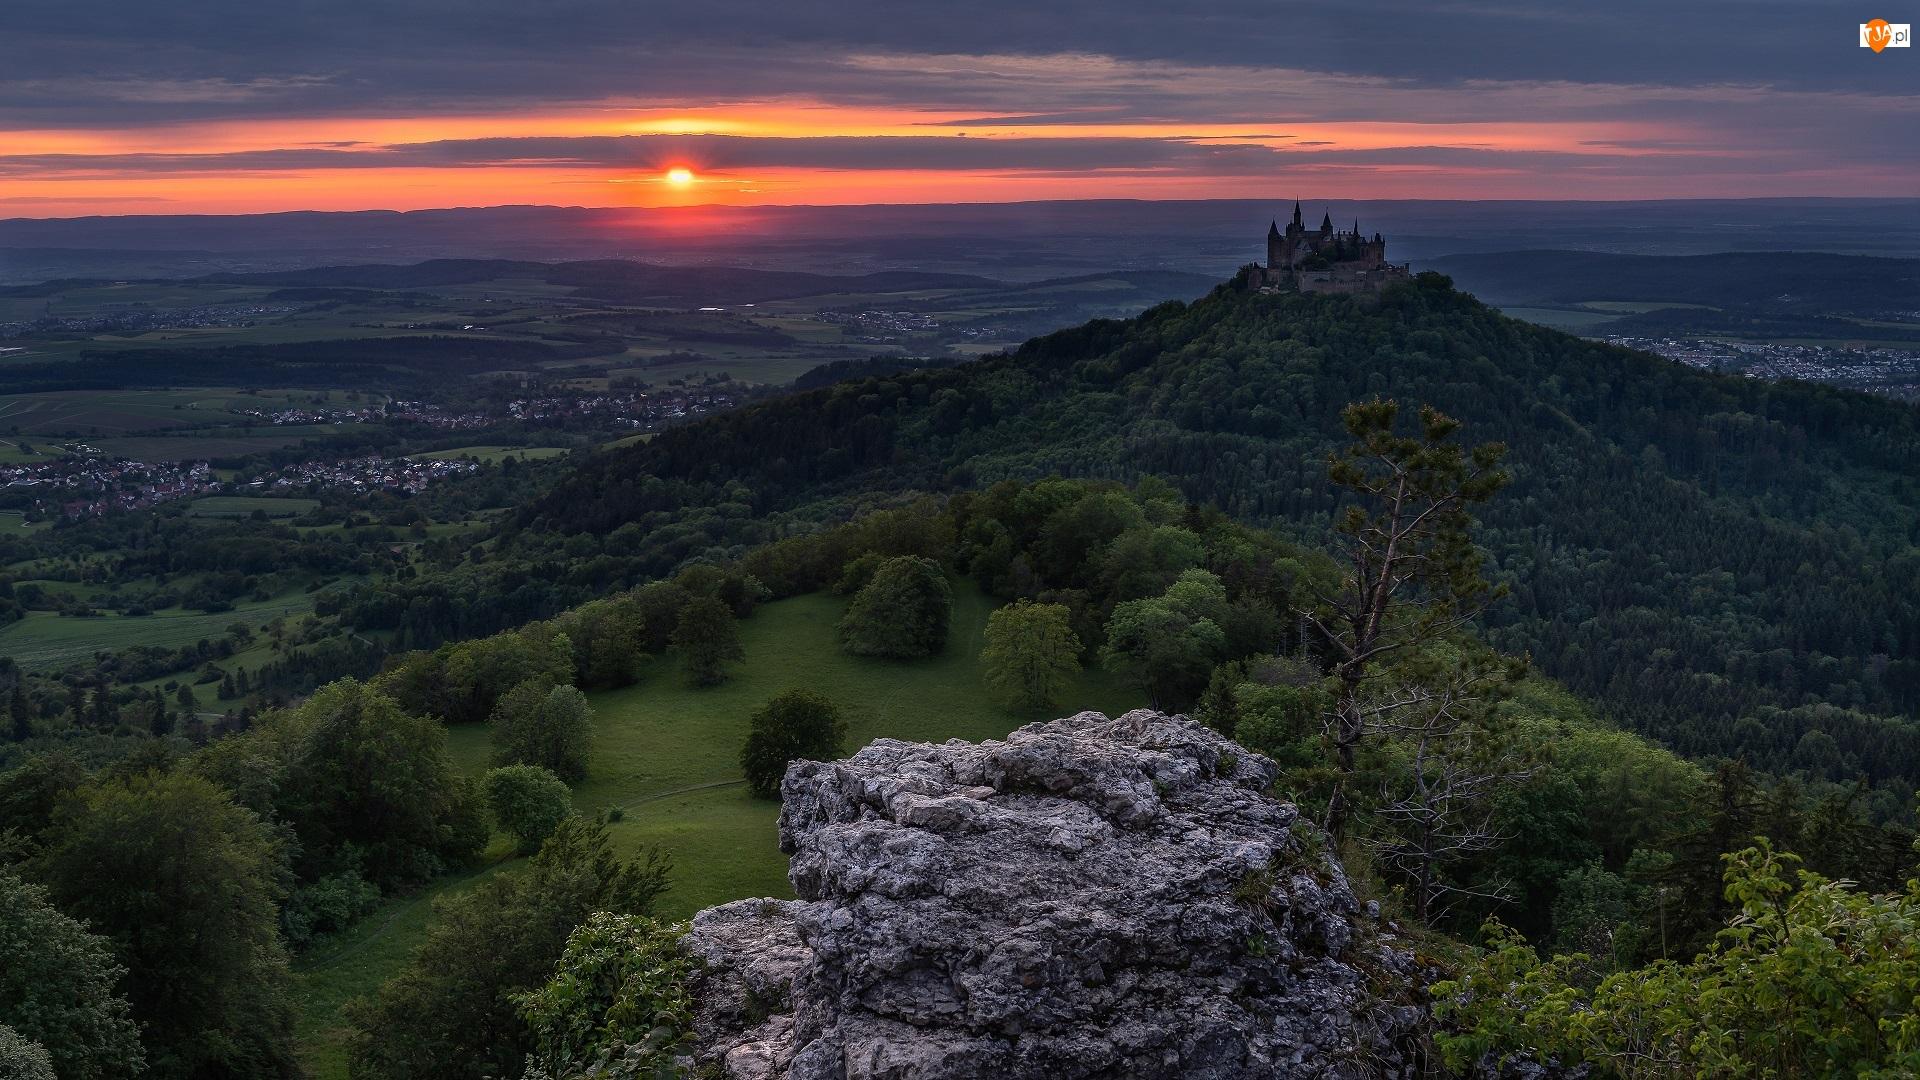 Kamień, Drzewa, Chmury, Las, Badenia-Wirtembergia, Niemcy, Zamek Hohenzollern, Góra Hohenzollern, Zachód słońca, Wzgórza